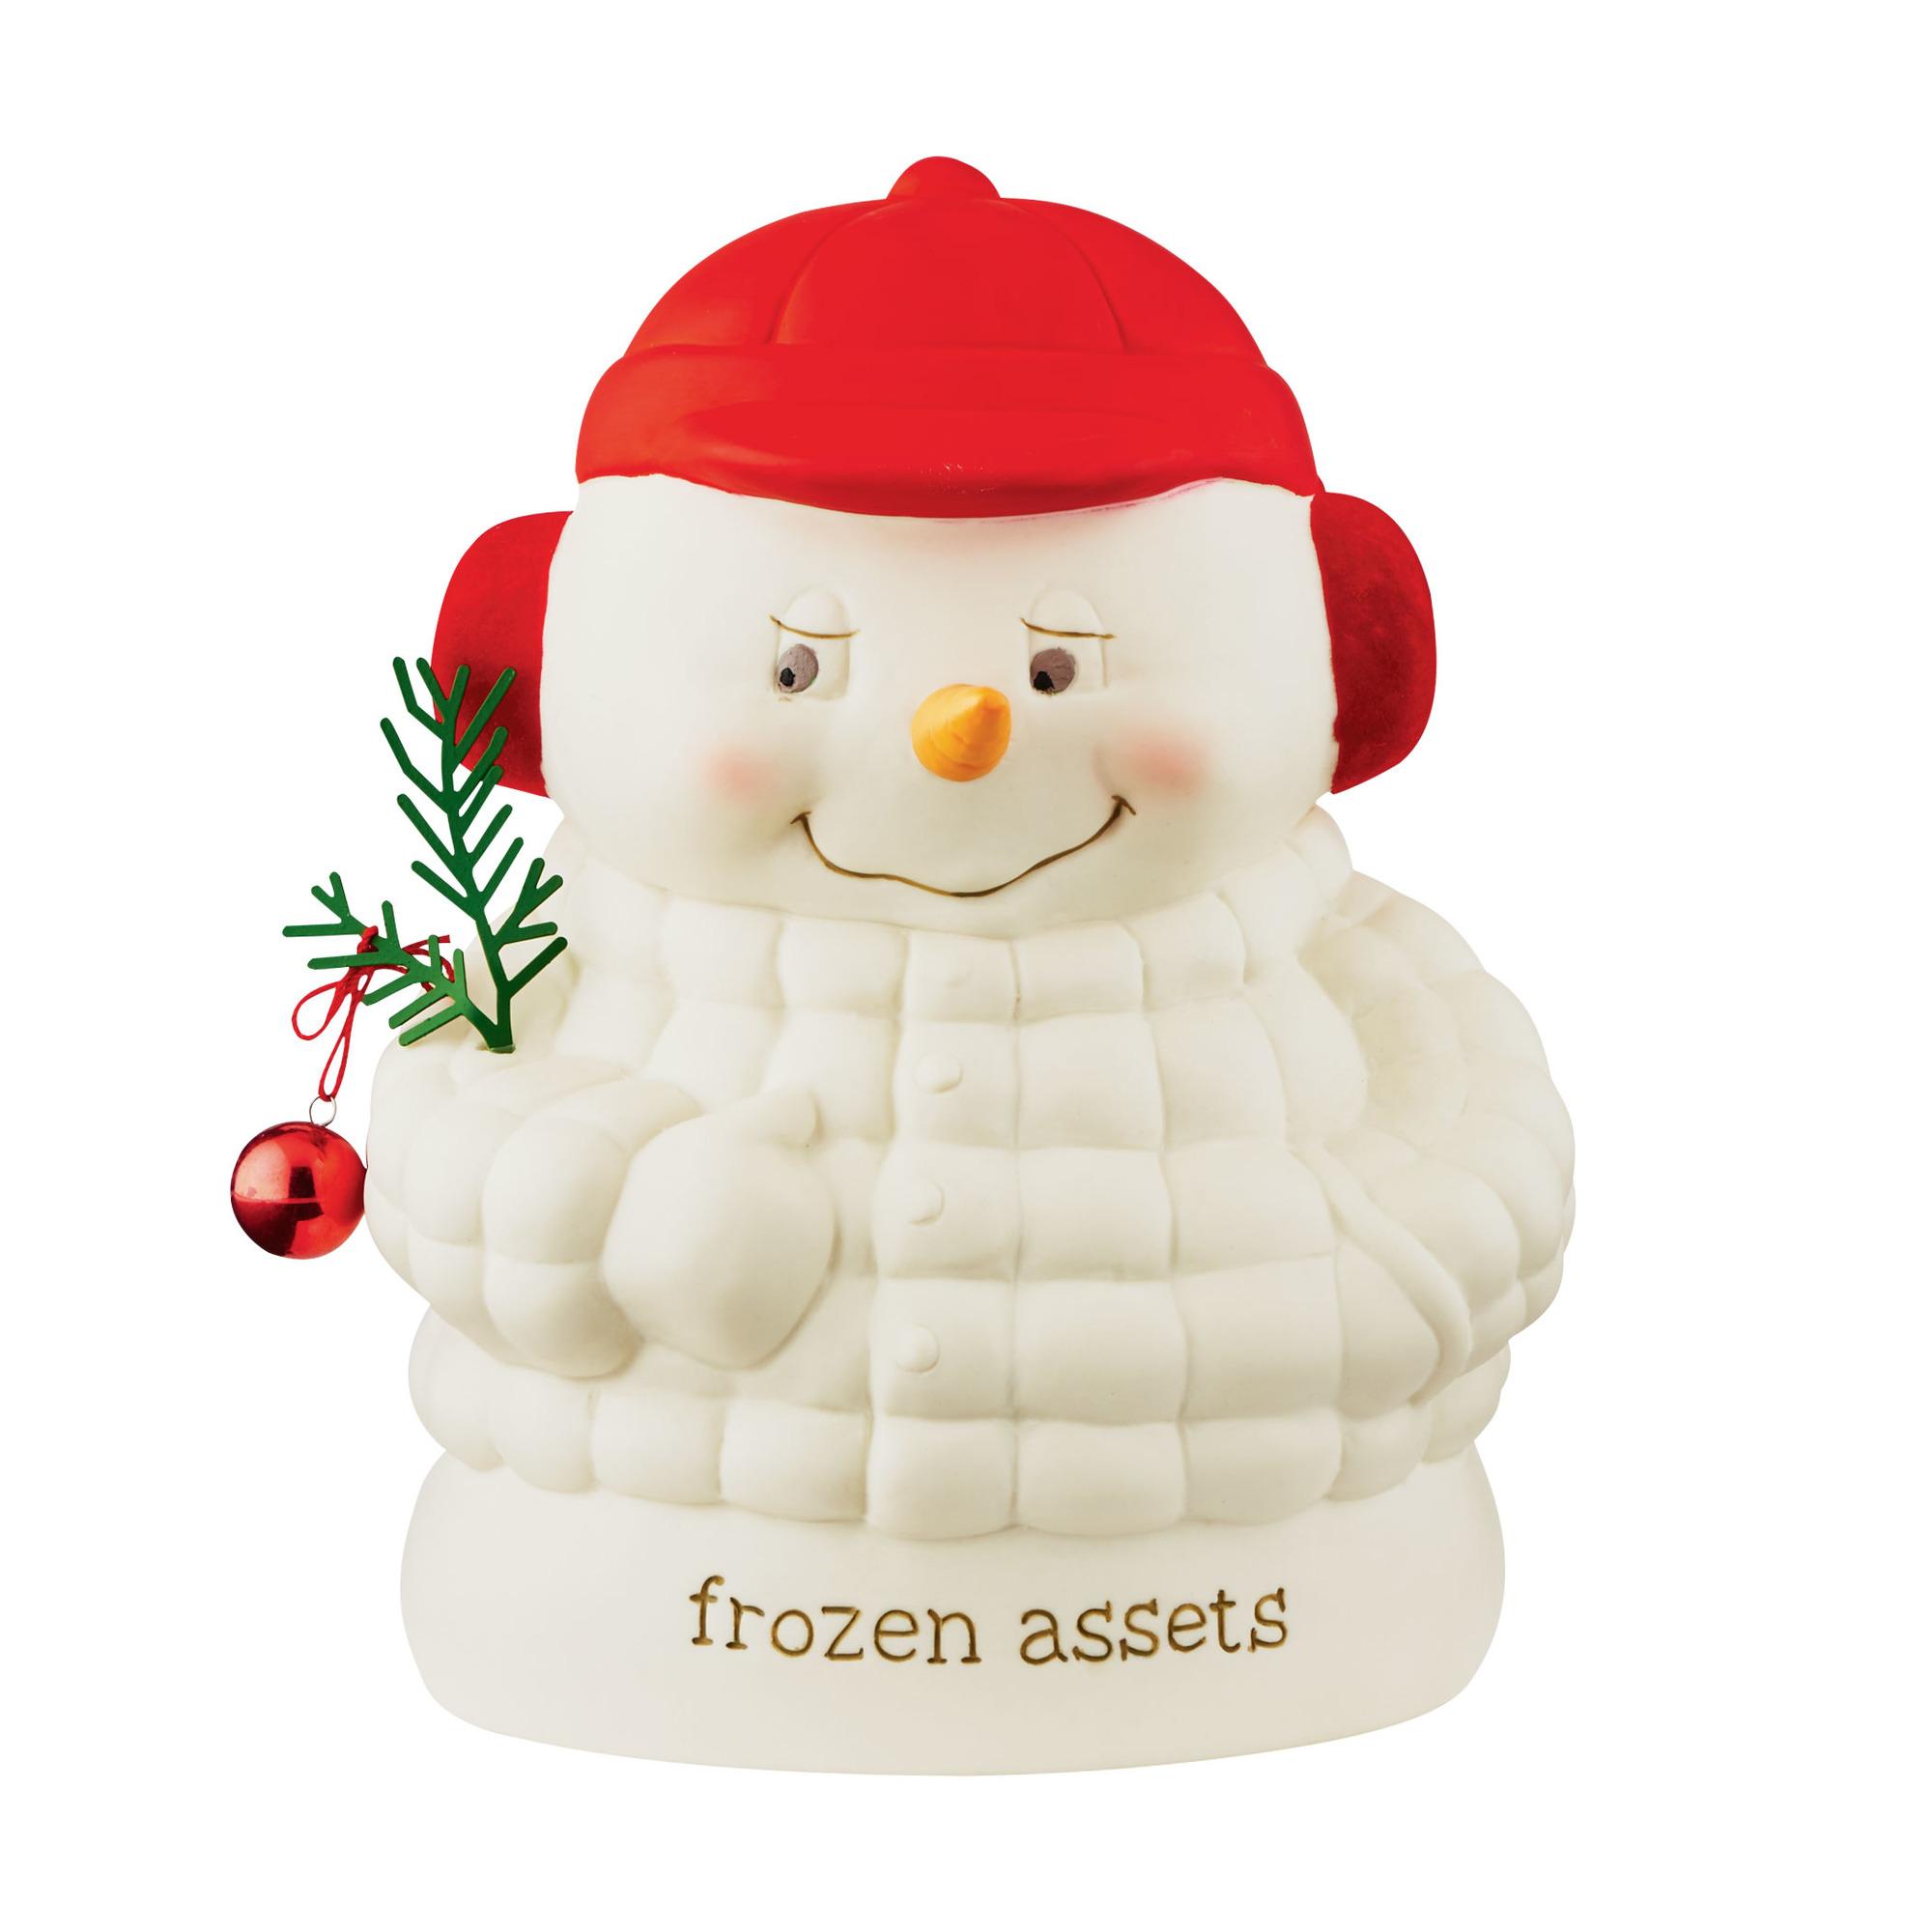 Frozen Assets Bank